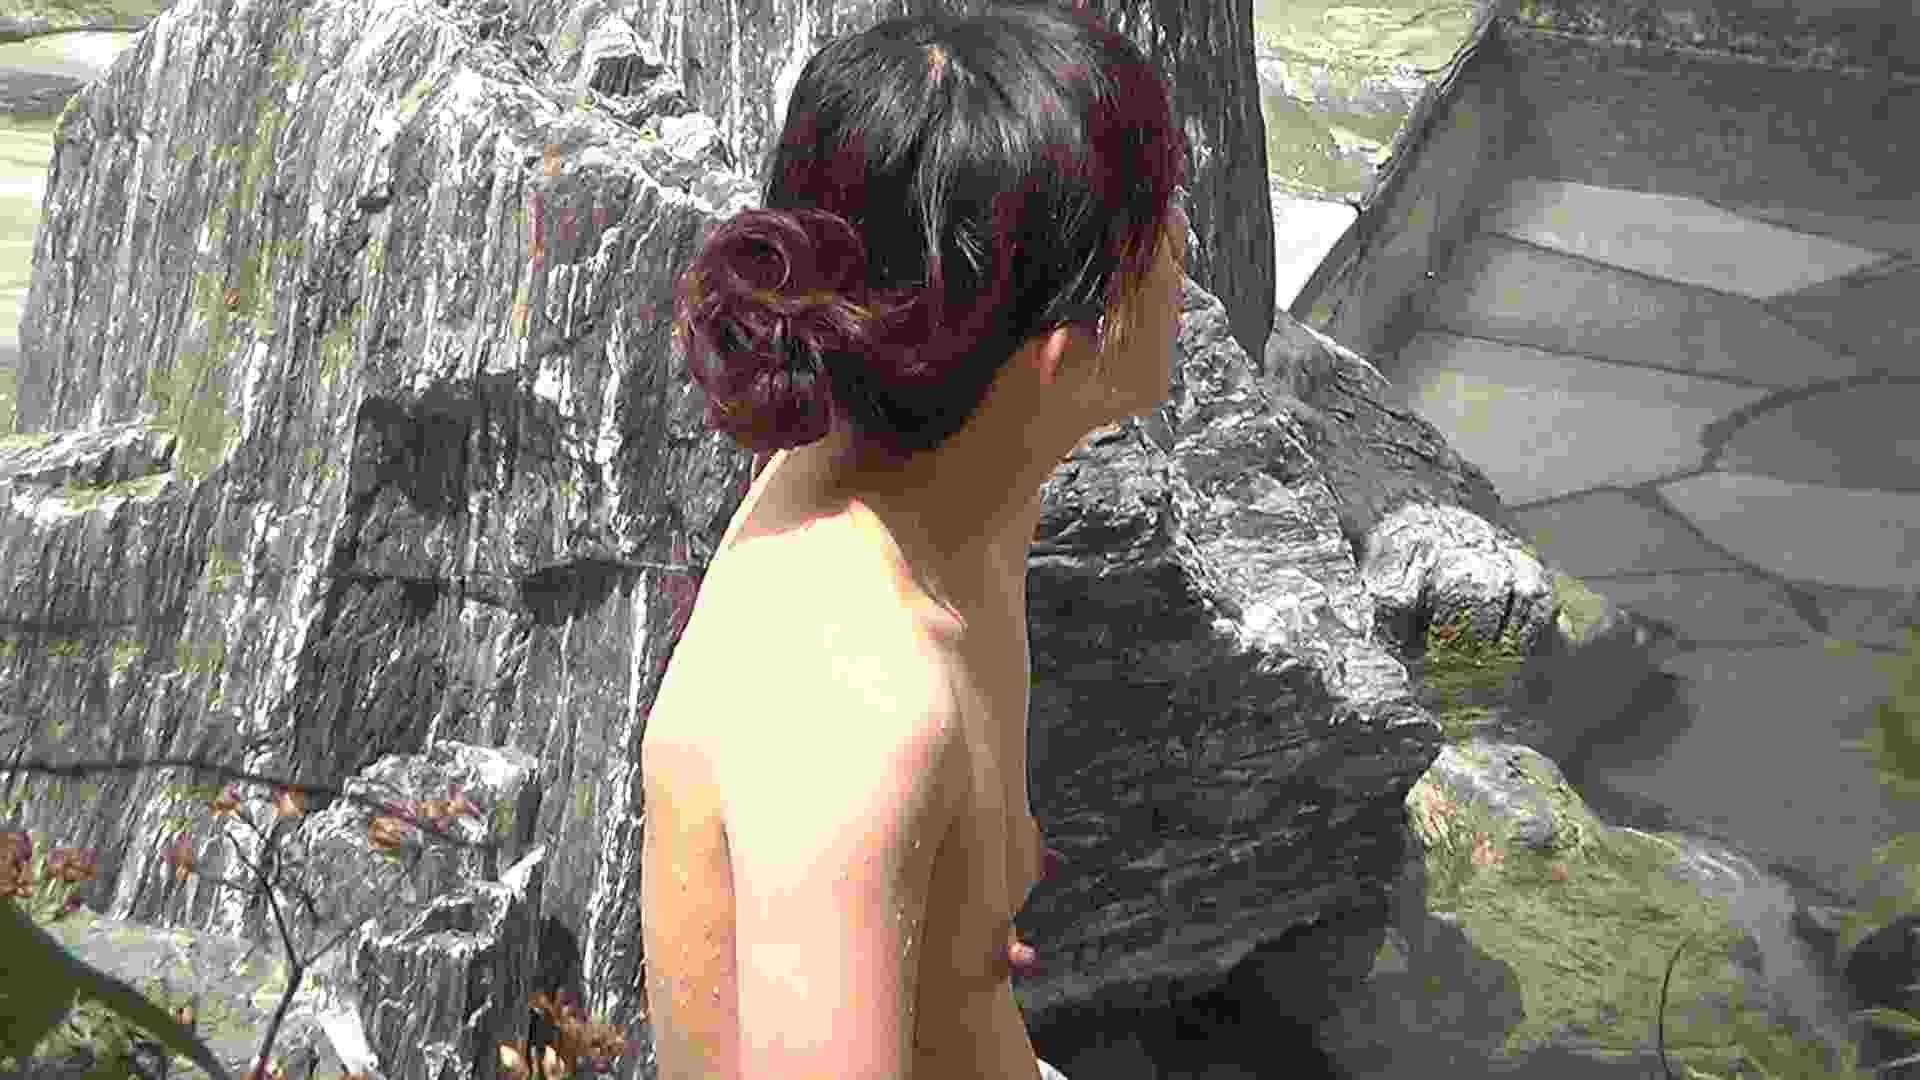 ハイビジョンVol.16 和服が似合いそうな上品さとそそり立つ巨大乳首 美肌 | 細身体型  81枚 55